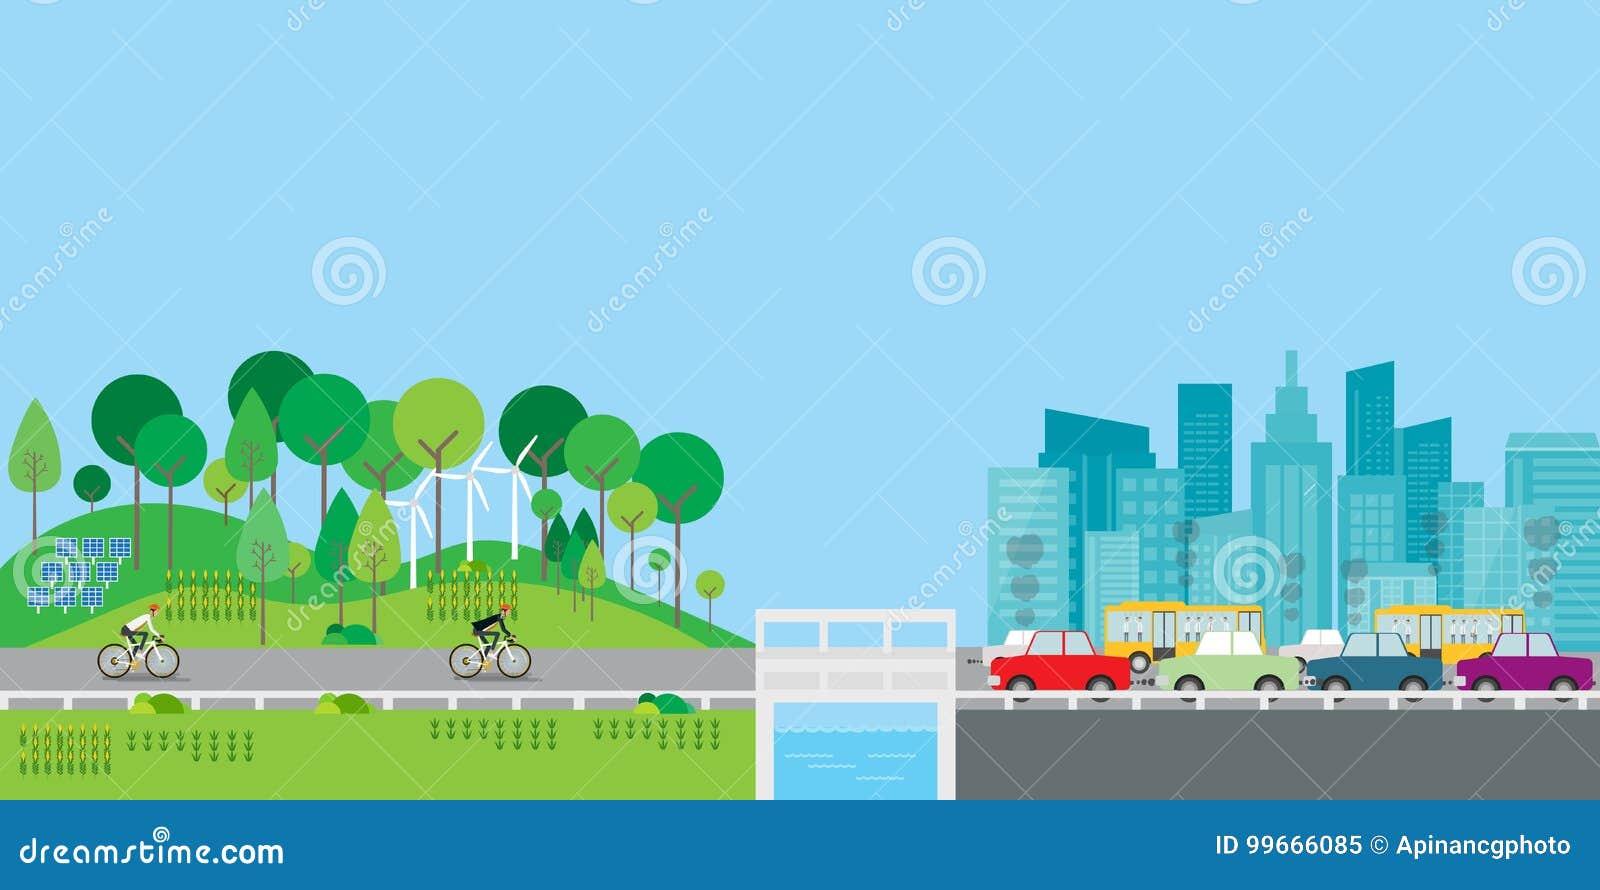 Επίπεδος διανυσματικός τρόπος ζωής σχεδίου στην επαρχία με τη μεγάλη έννοια πόλεων